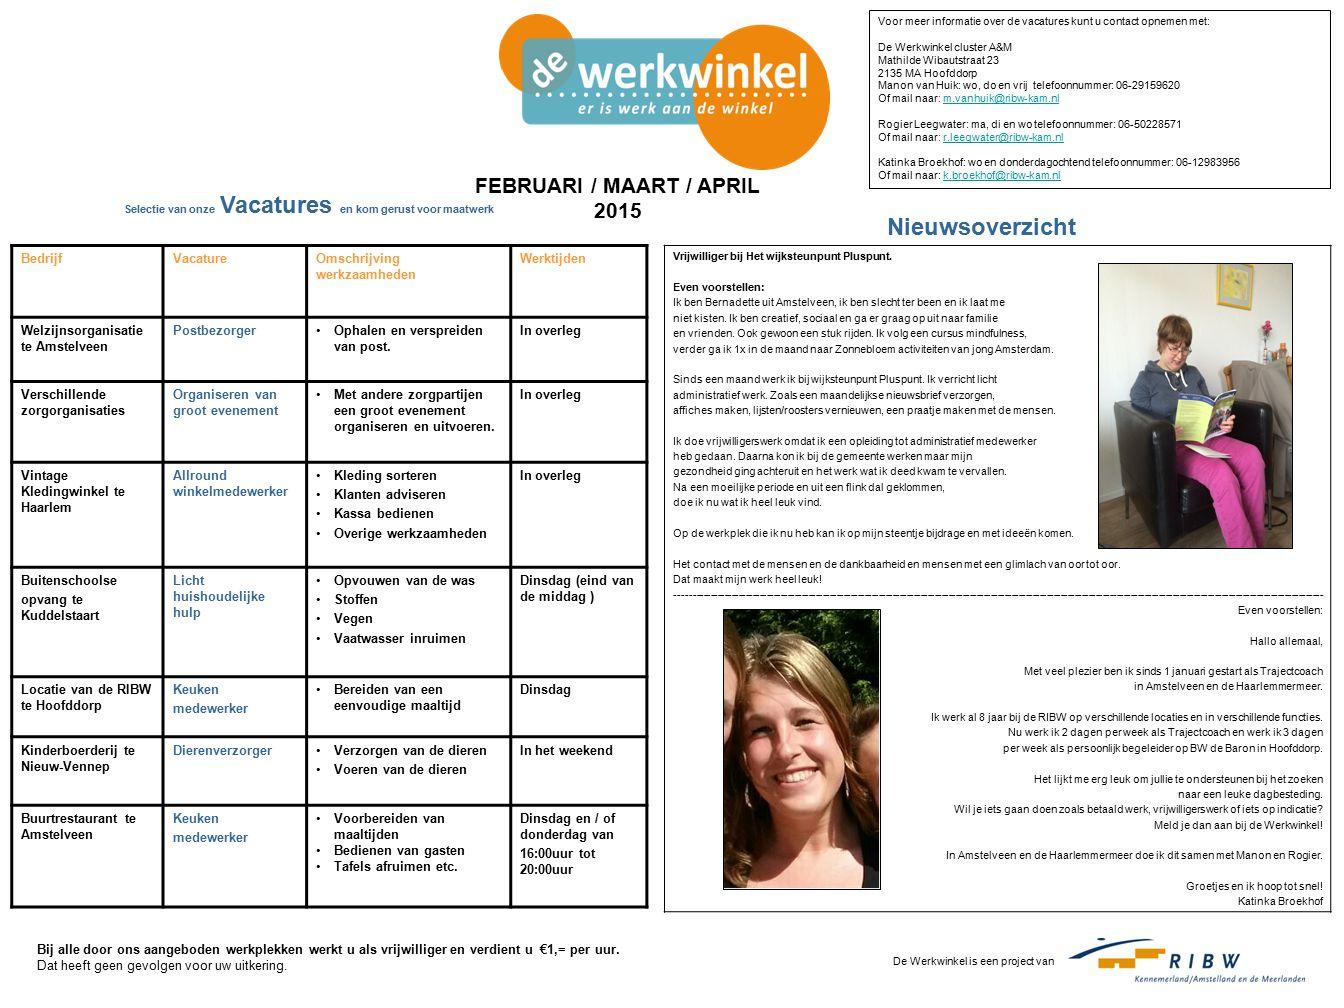 BedrijfVacatureOmschrijving werkzaamheden Werktijden Welzijnsorganisatie te Amstelveen PostbezorgerOphalen en verspreiden van post.